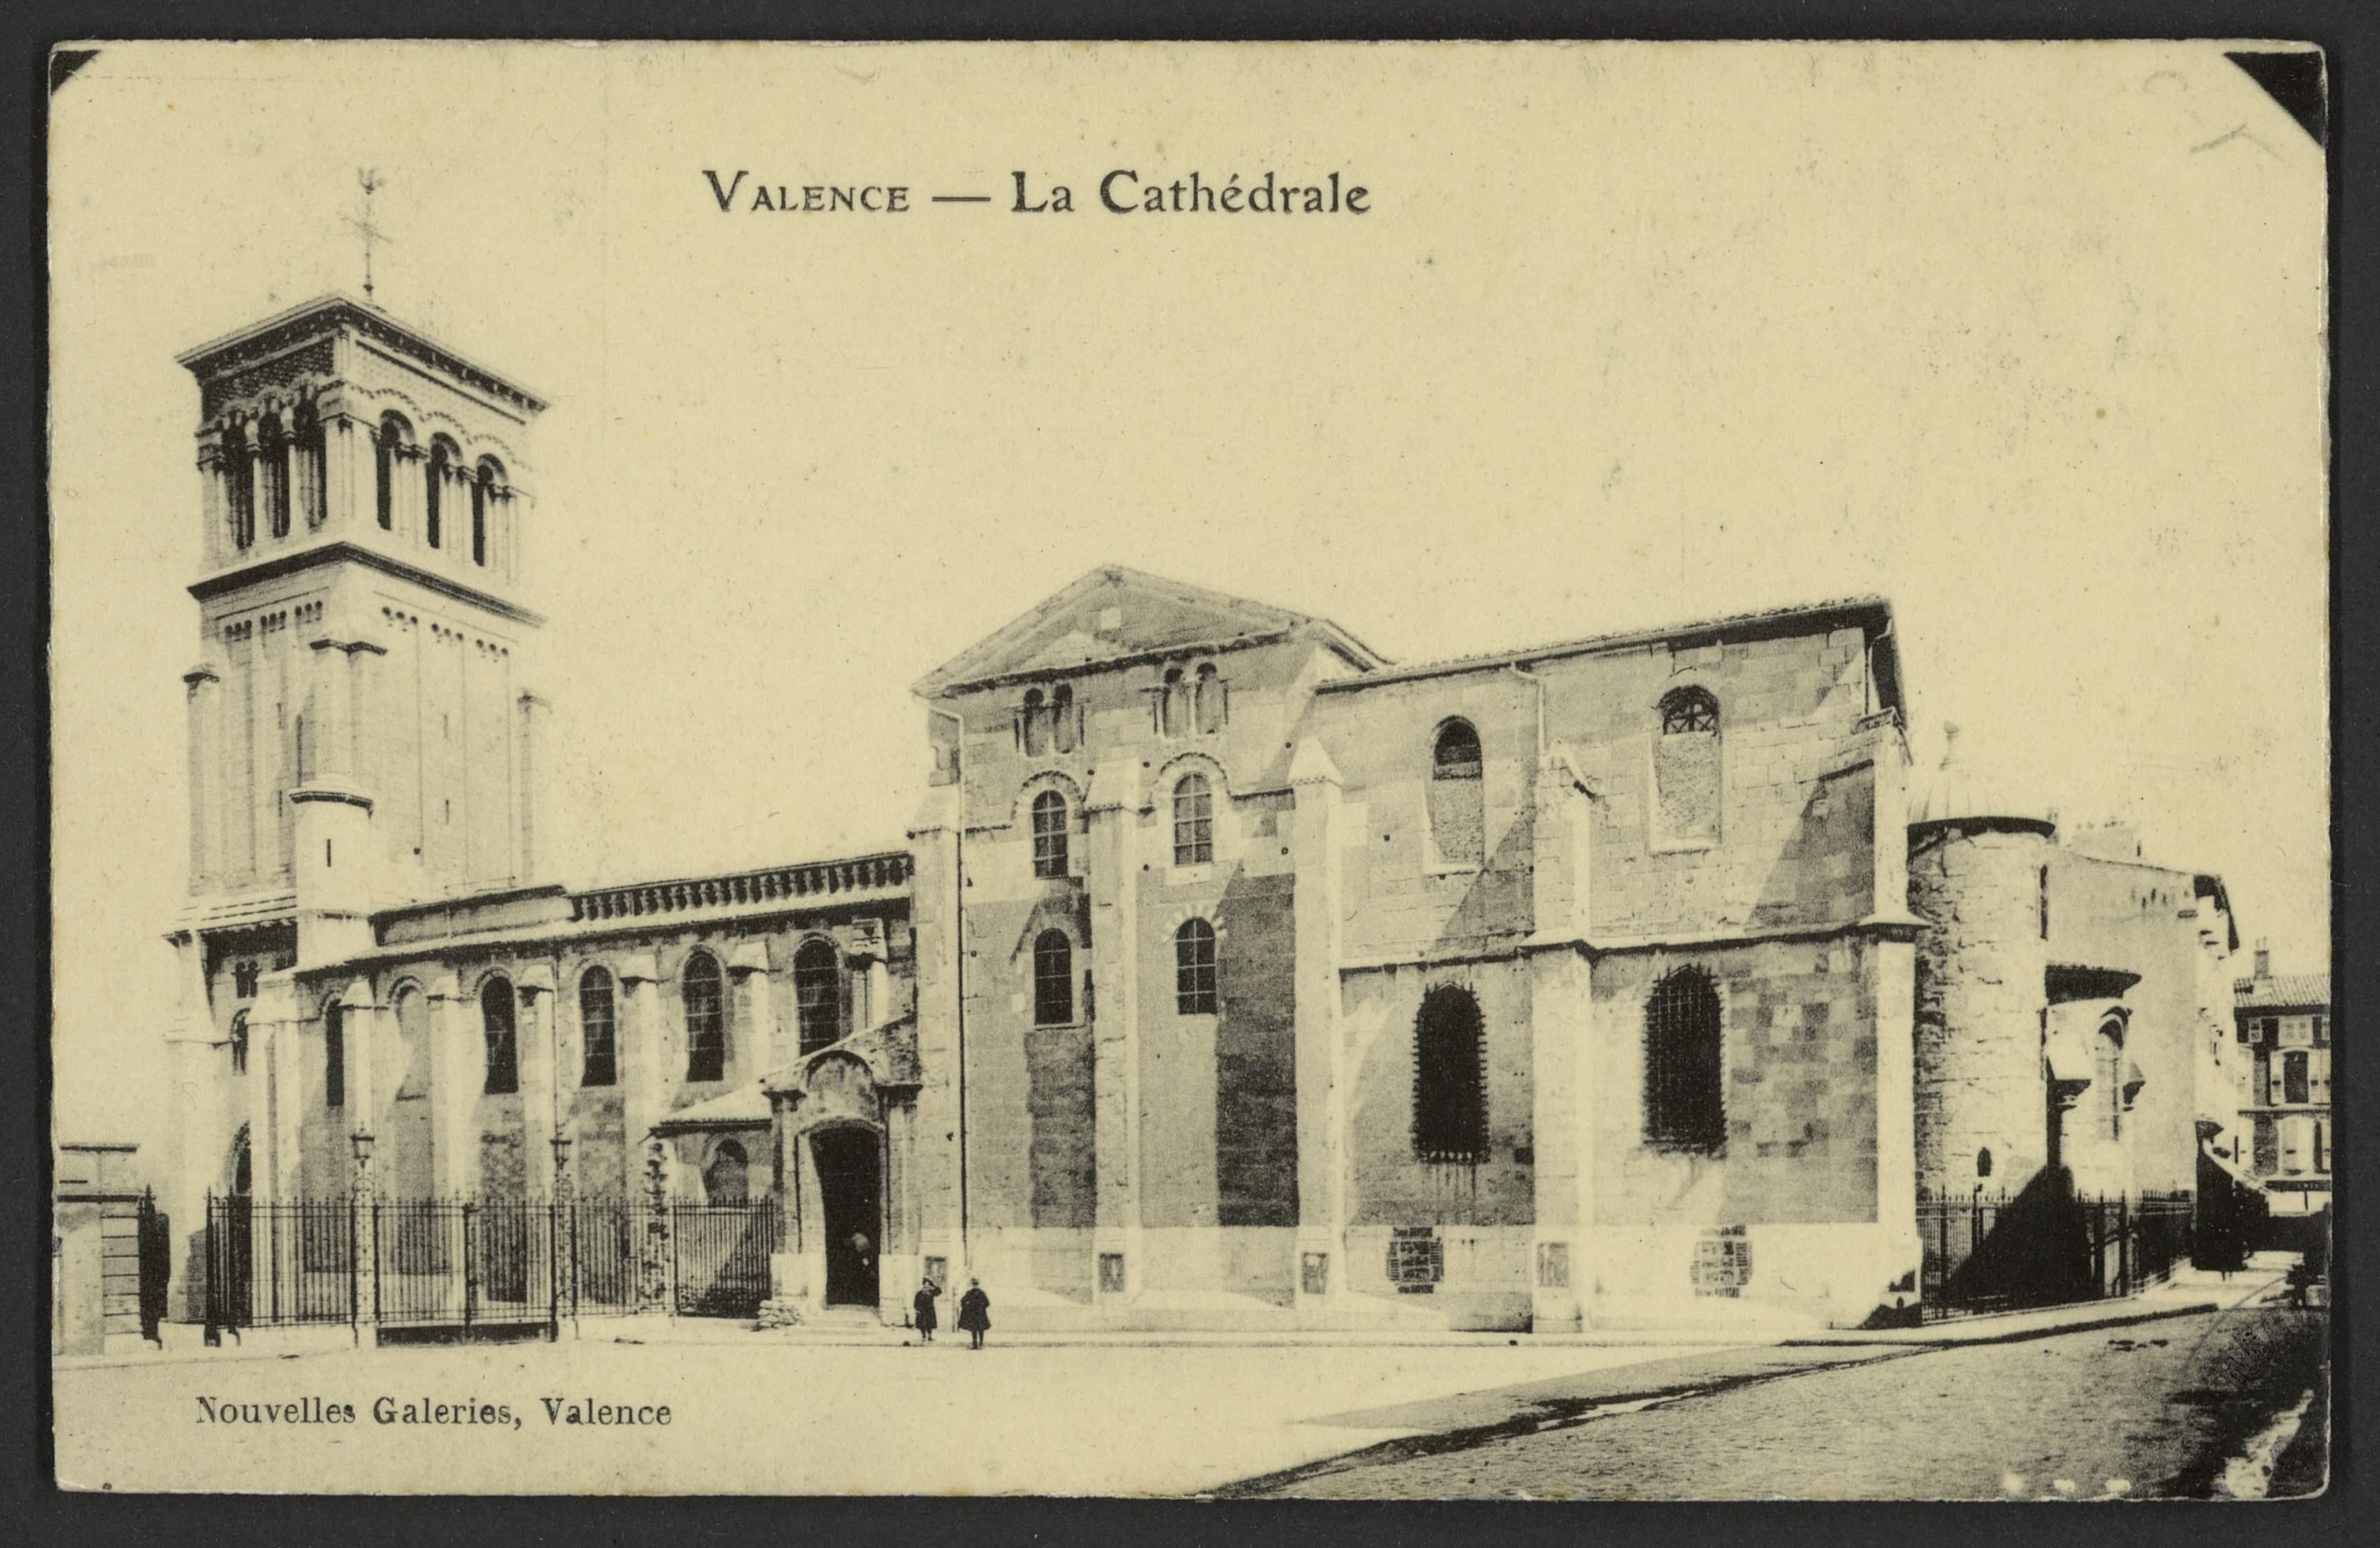 Valence - La Cathédrale